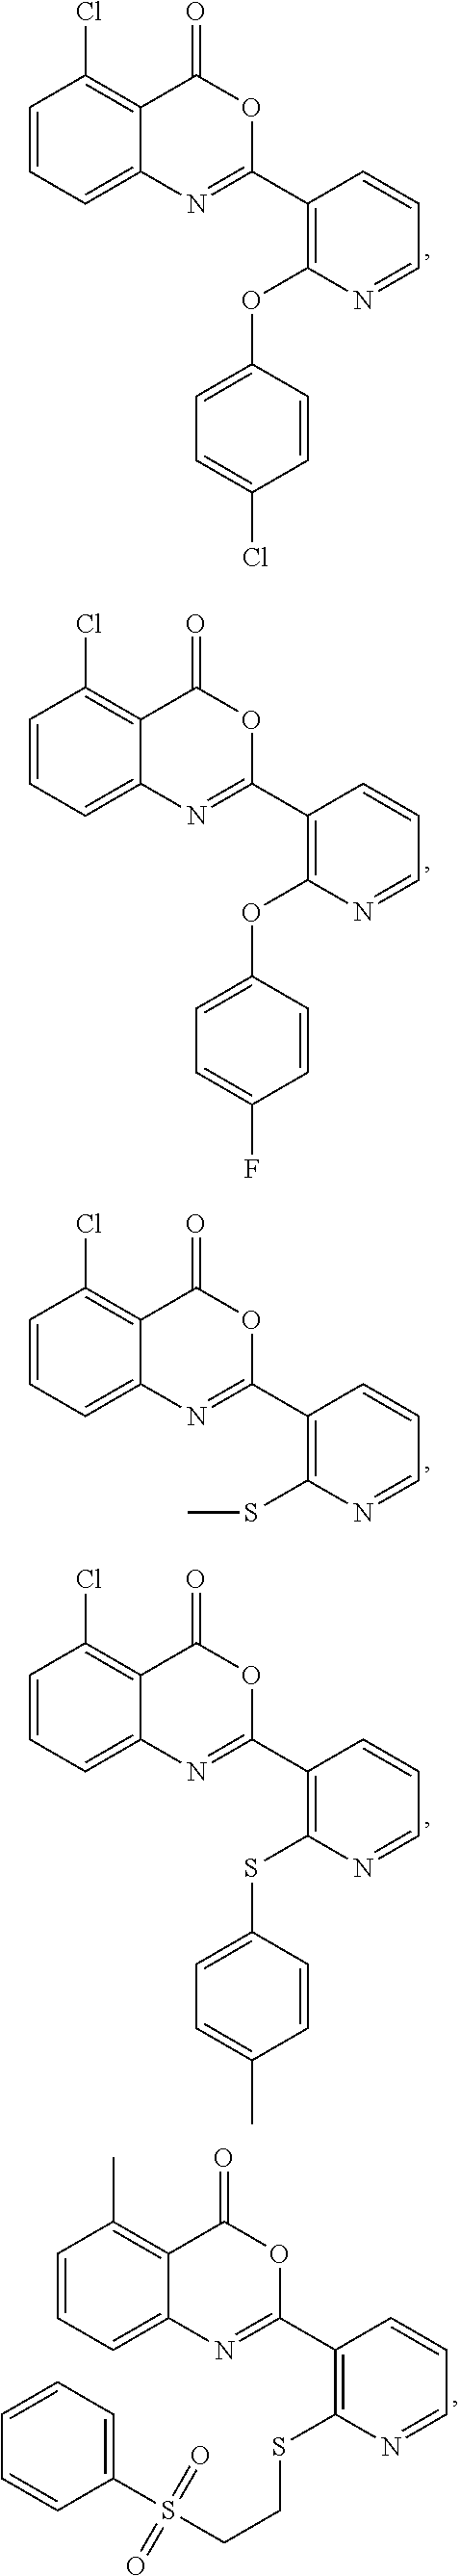 Figure US07879846-20110201-C00027